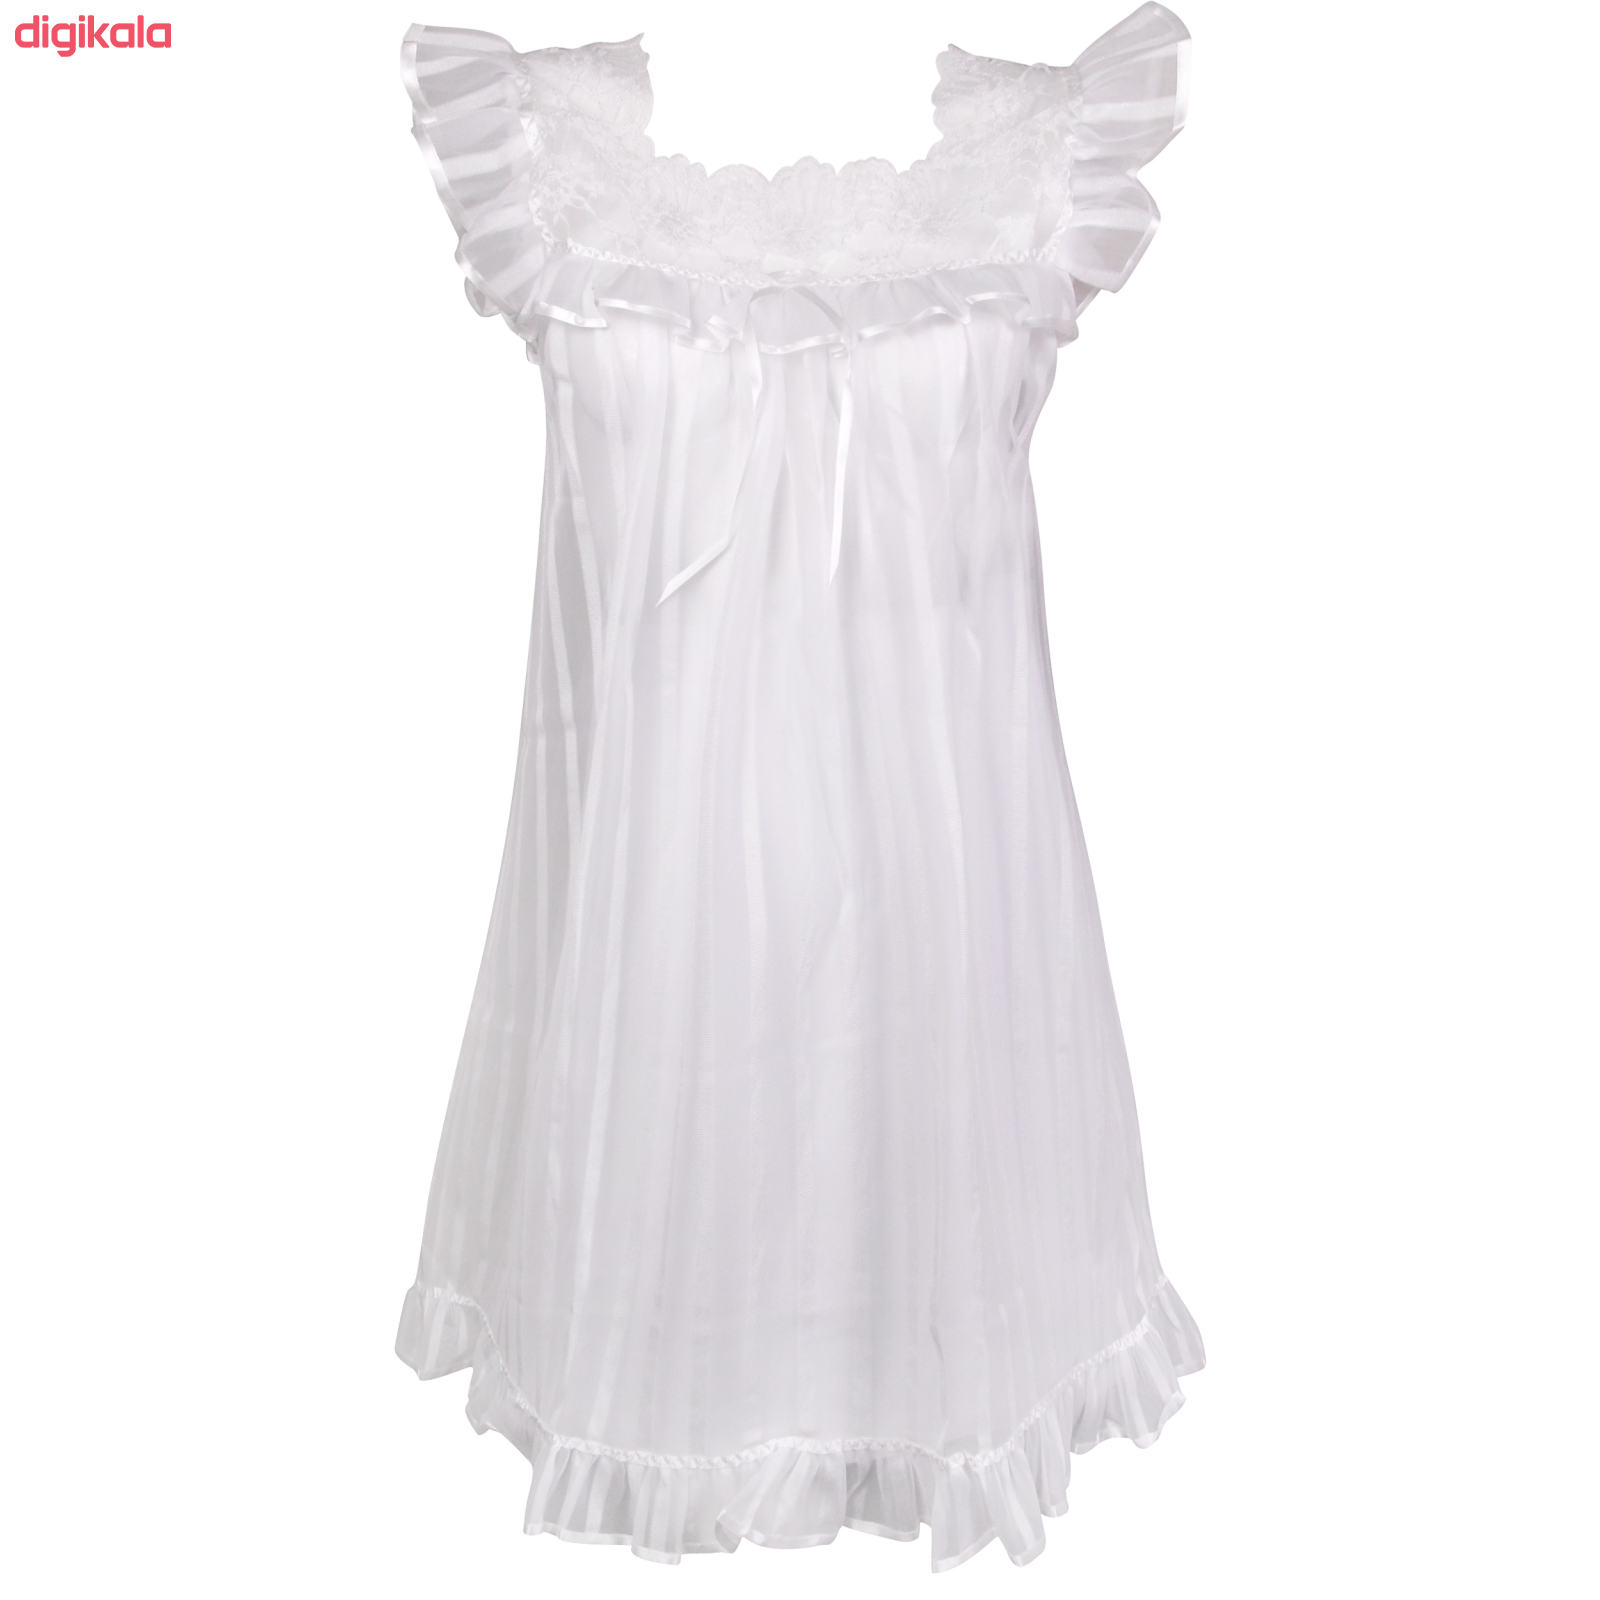 لباس خواب زنانه ماییلدا مدل 3594-1 main 1 1